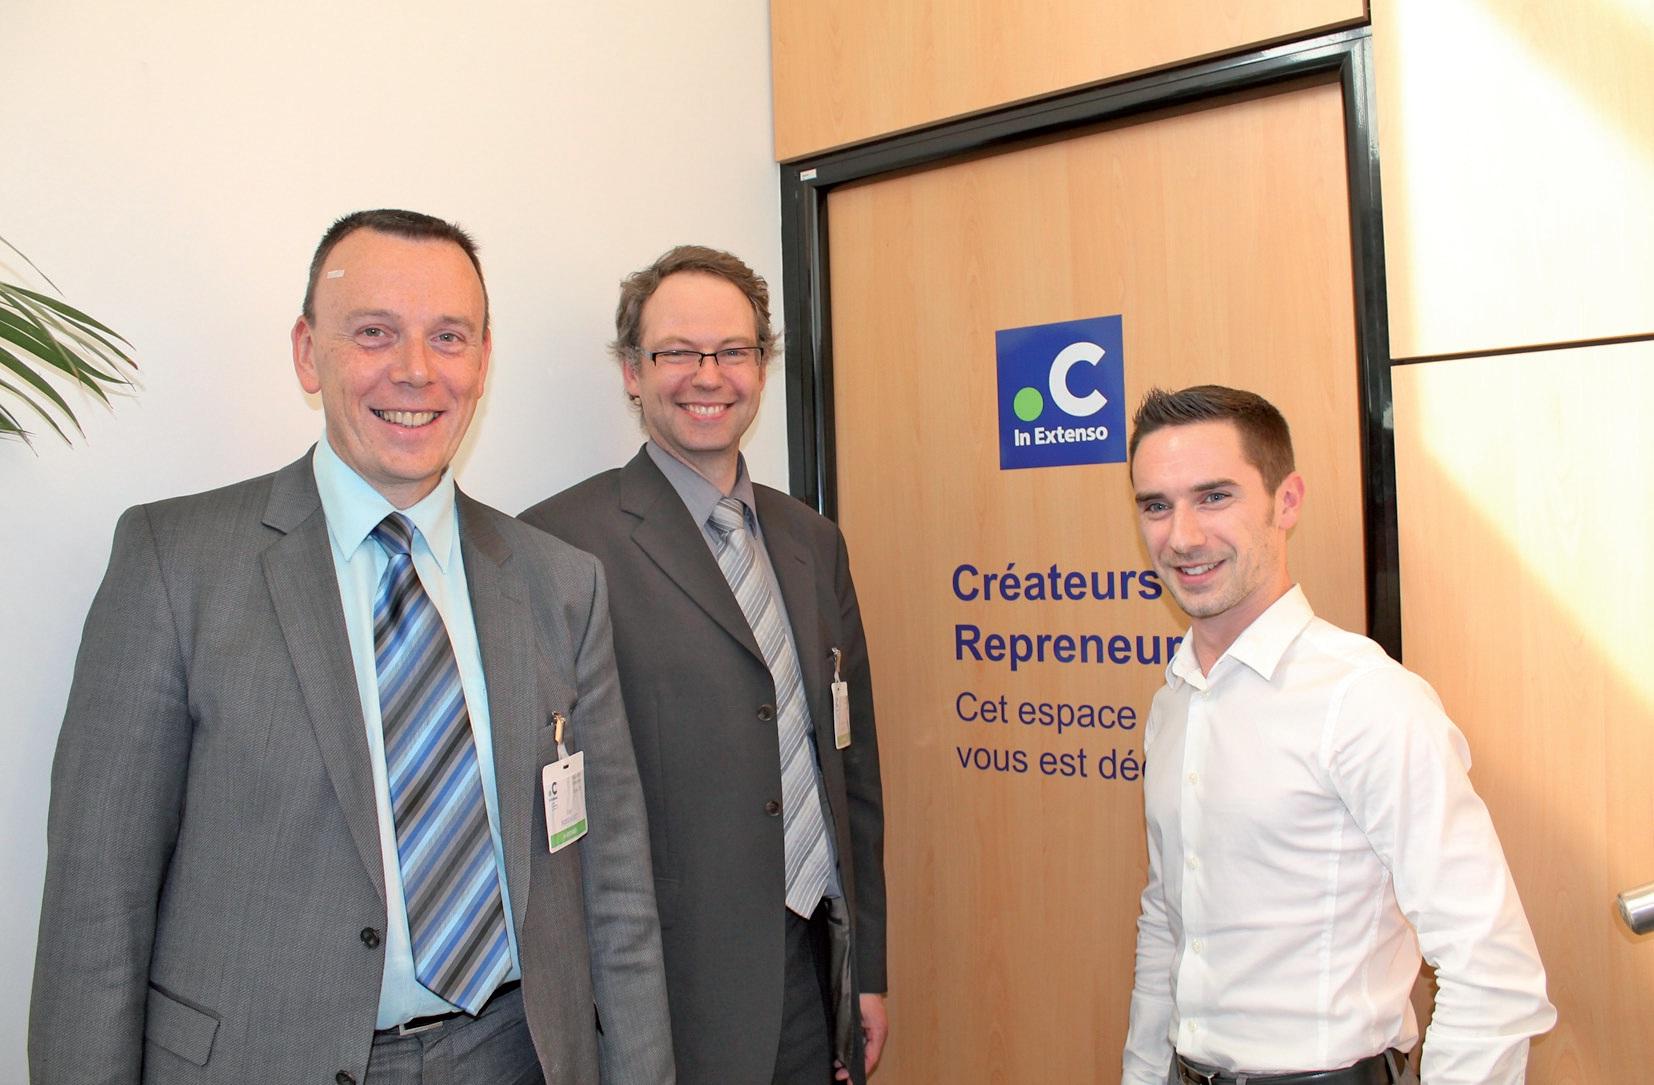 De gauche à droite, Guy Boddaert, directeur associé des agences de Bailleul et Hazebrouck et du pôle Flandres, François Houspie, directeur associé de l'agence d'Armentières, et Charles Bardel, conseil en création d'entreprise.